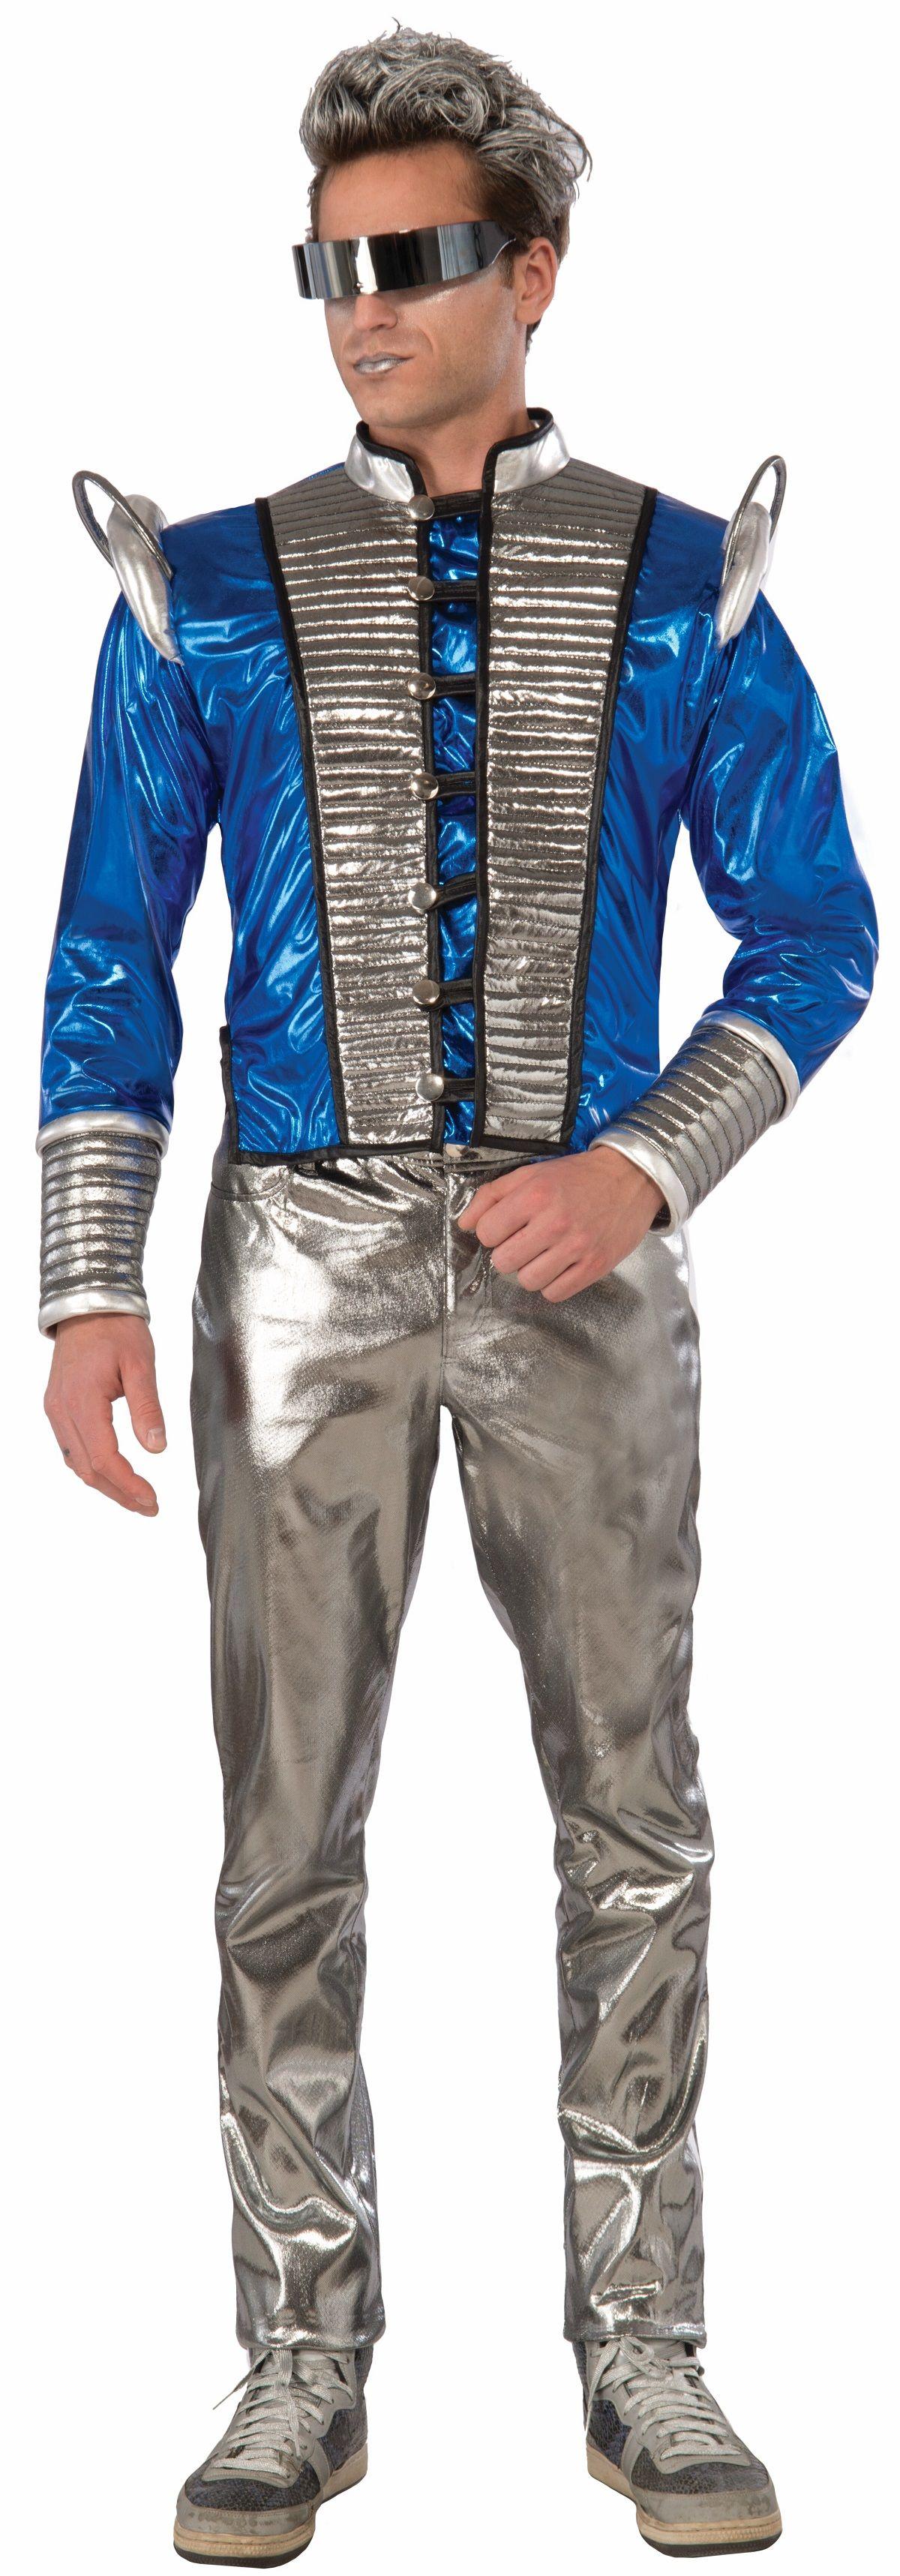 futuristic clothing for futuristic fashion